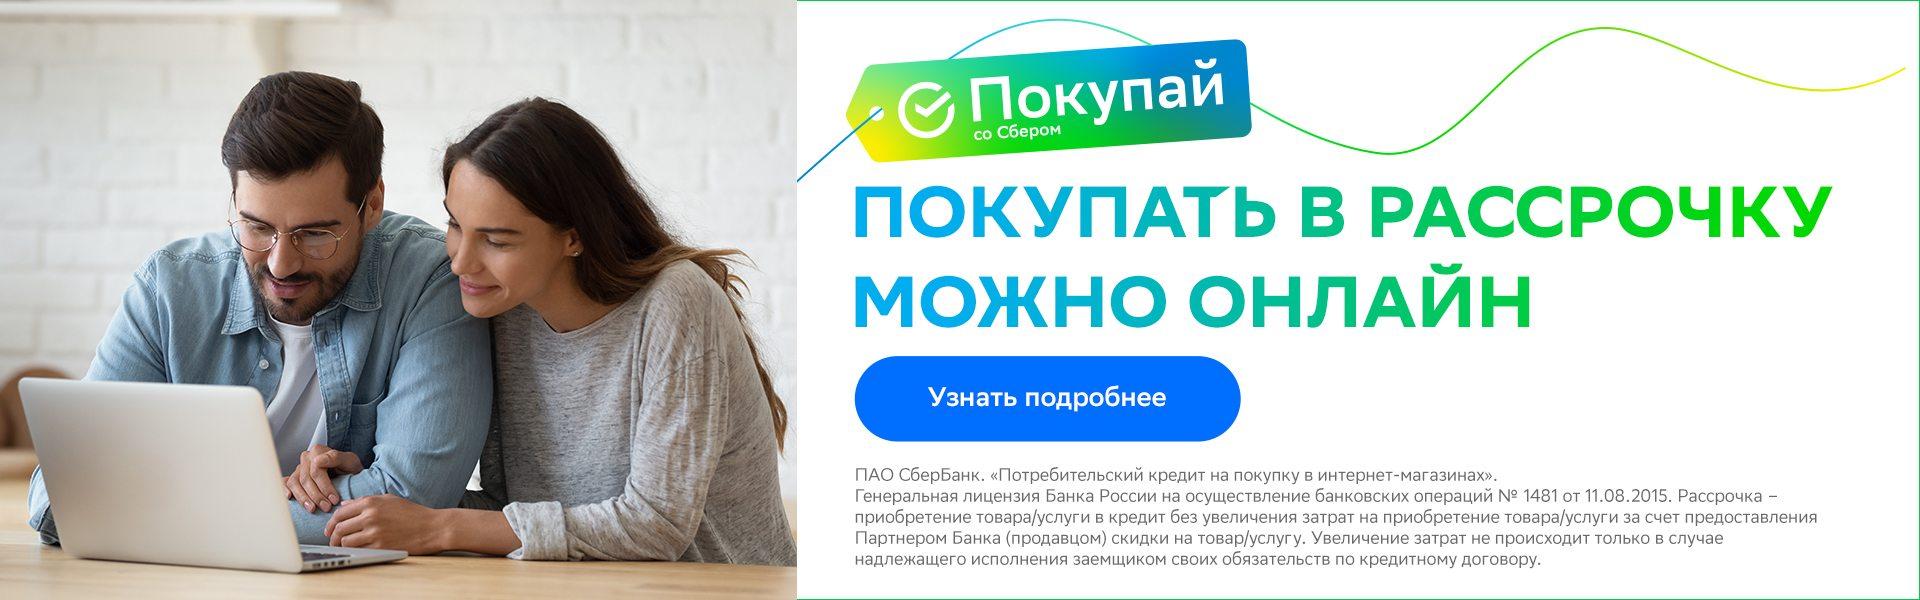 """Сервис """"Покупай со Сбербанком"""""""